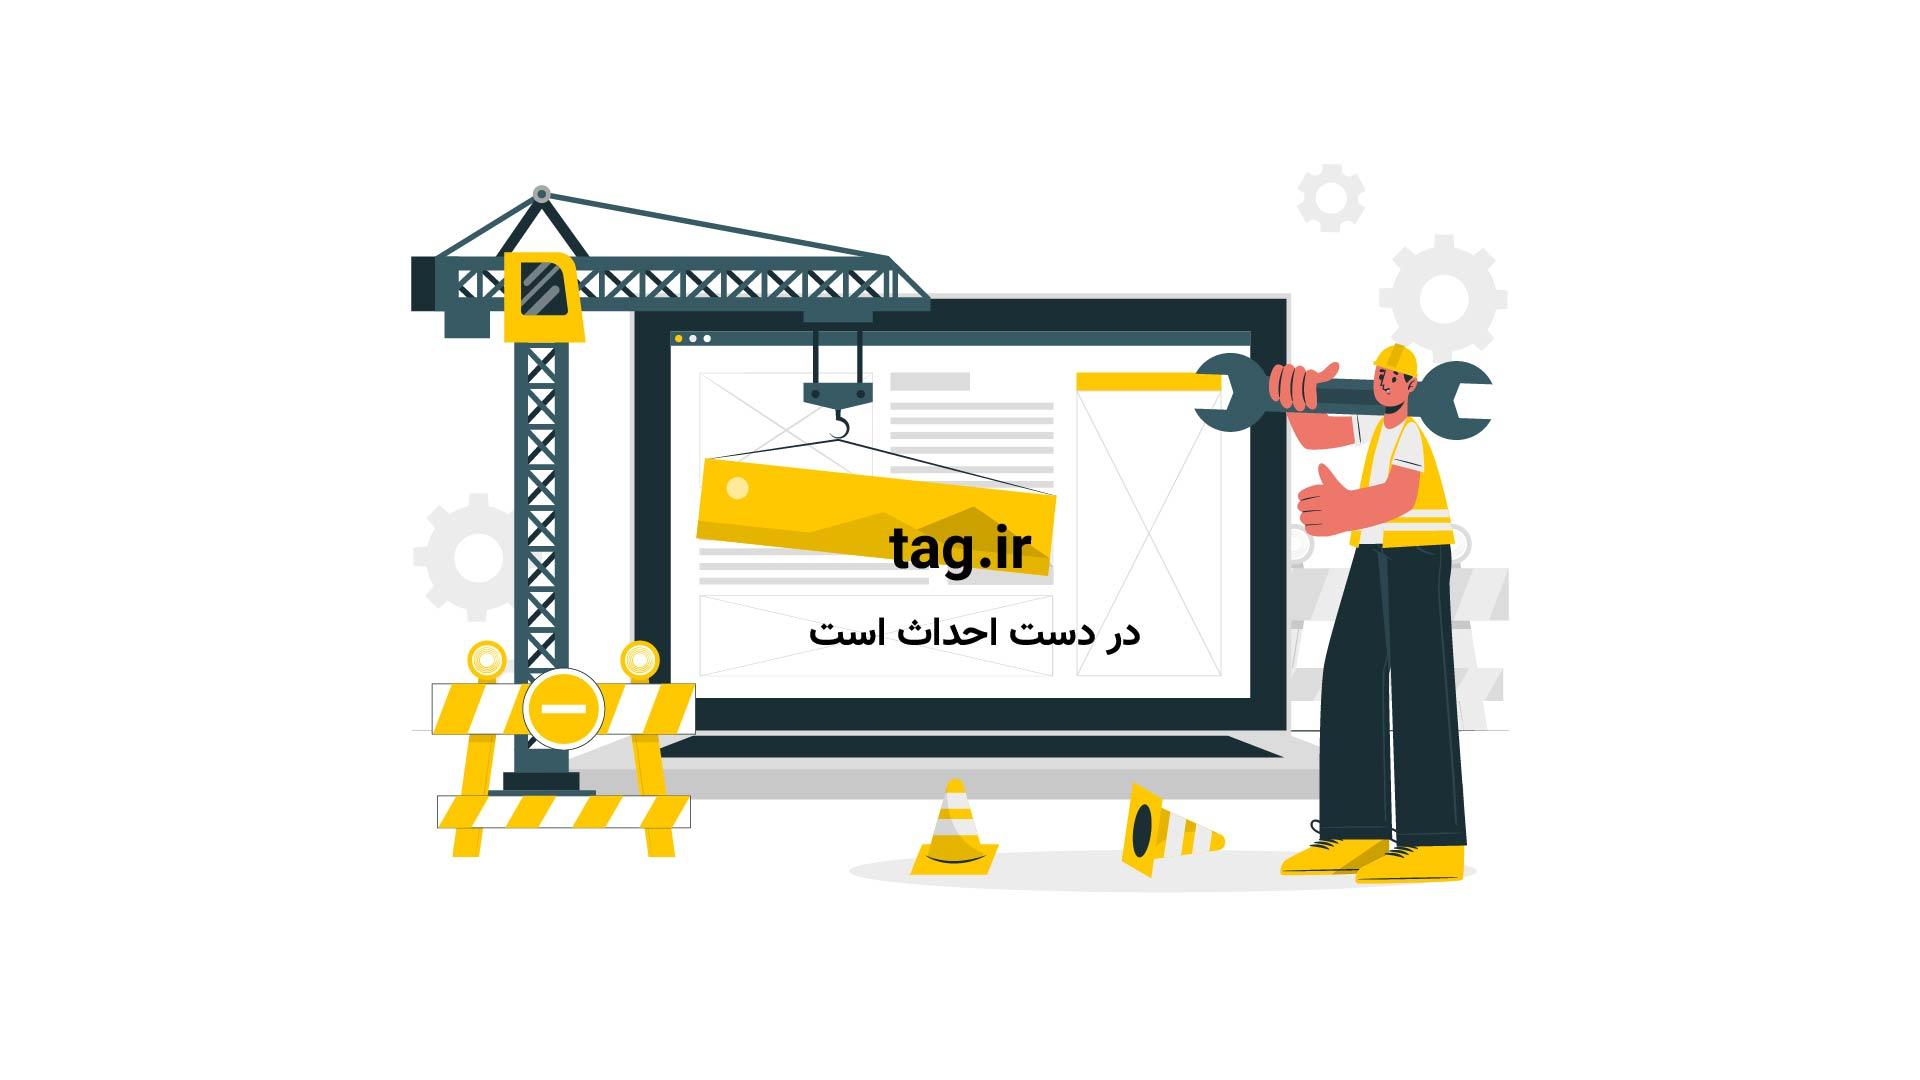 عناوین روزنامههای ورزشی سهشنبه 29 تیر